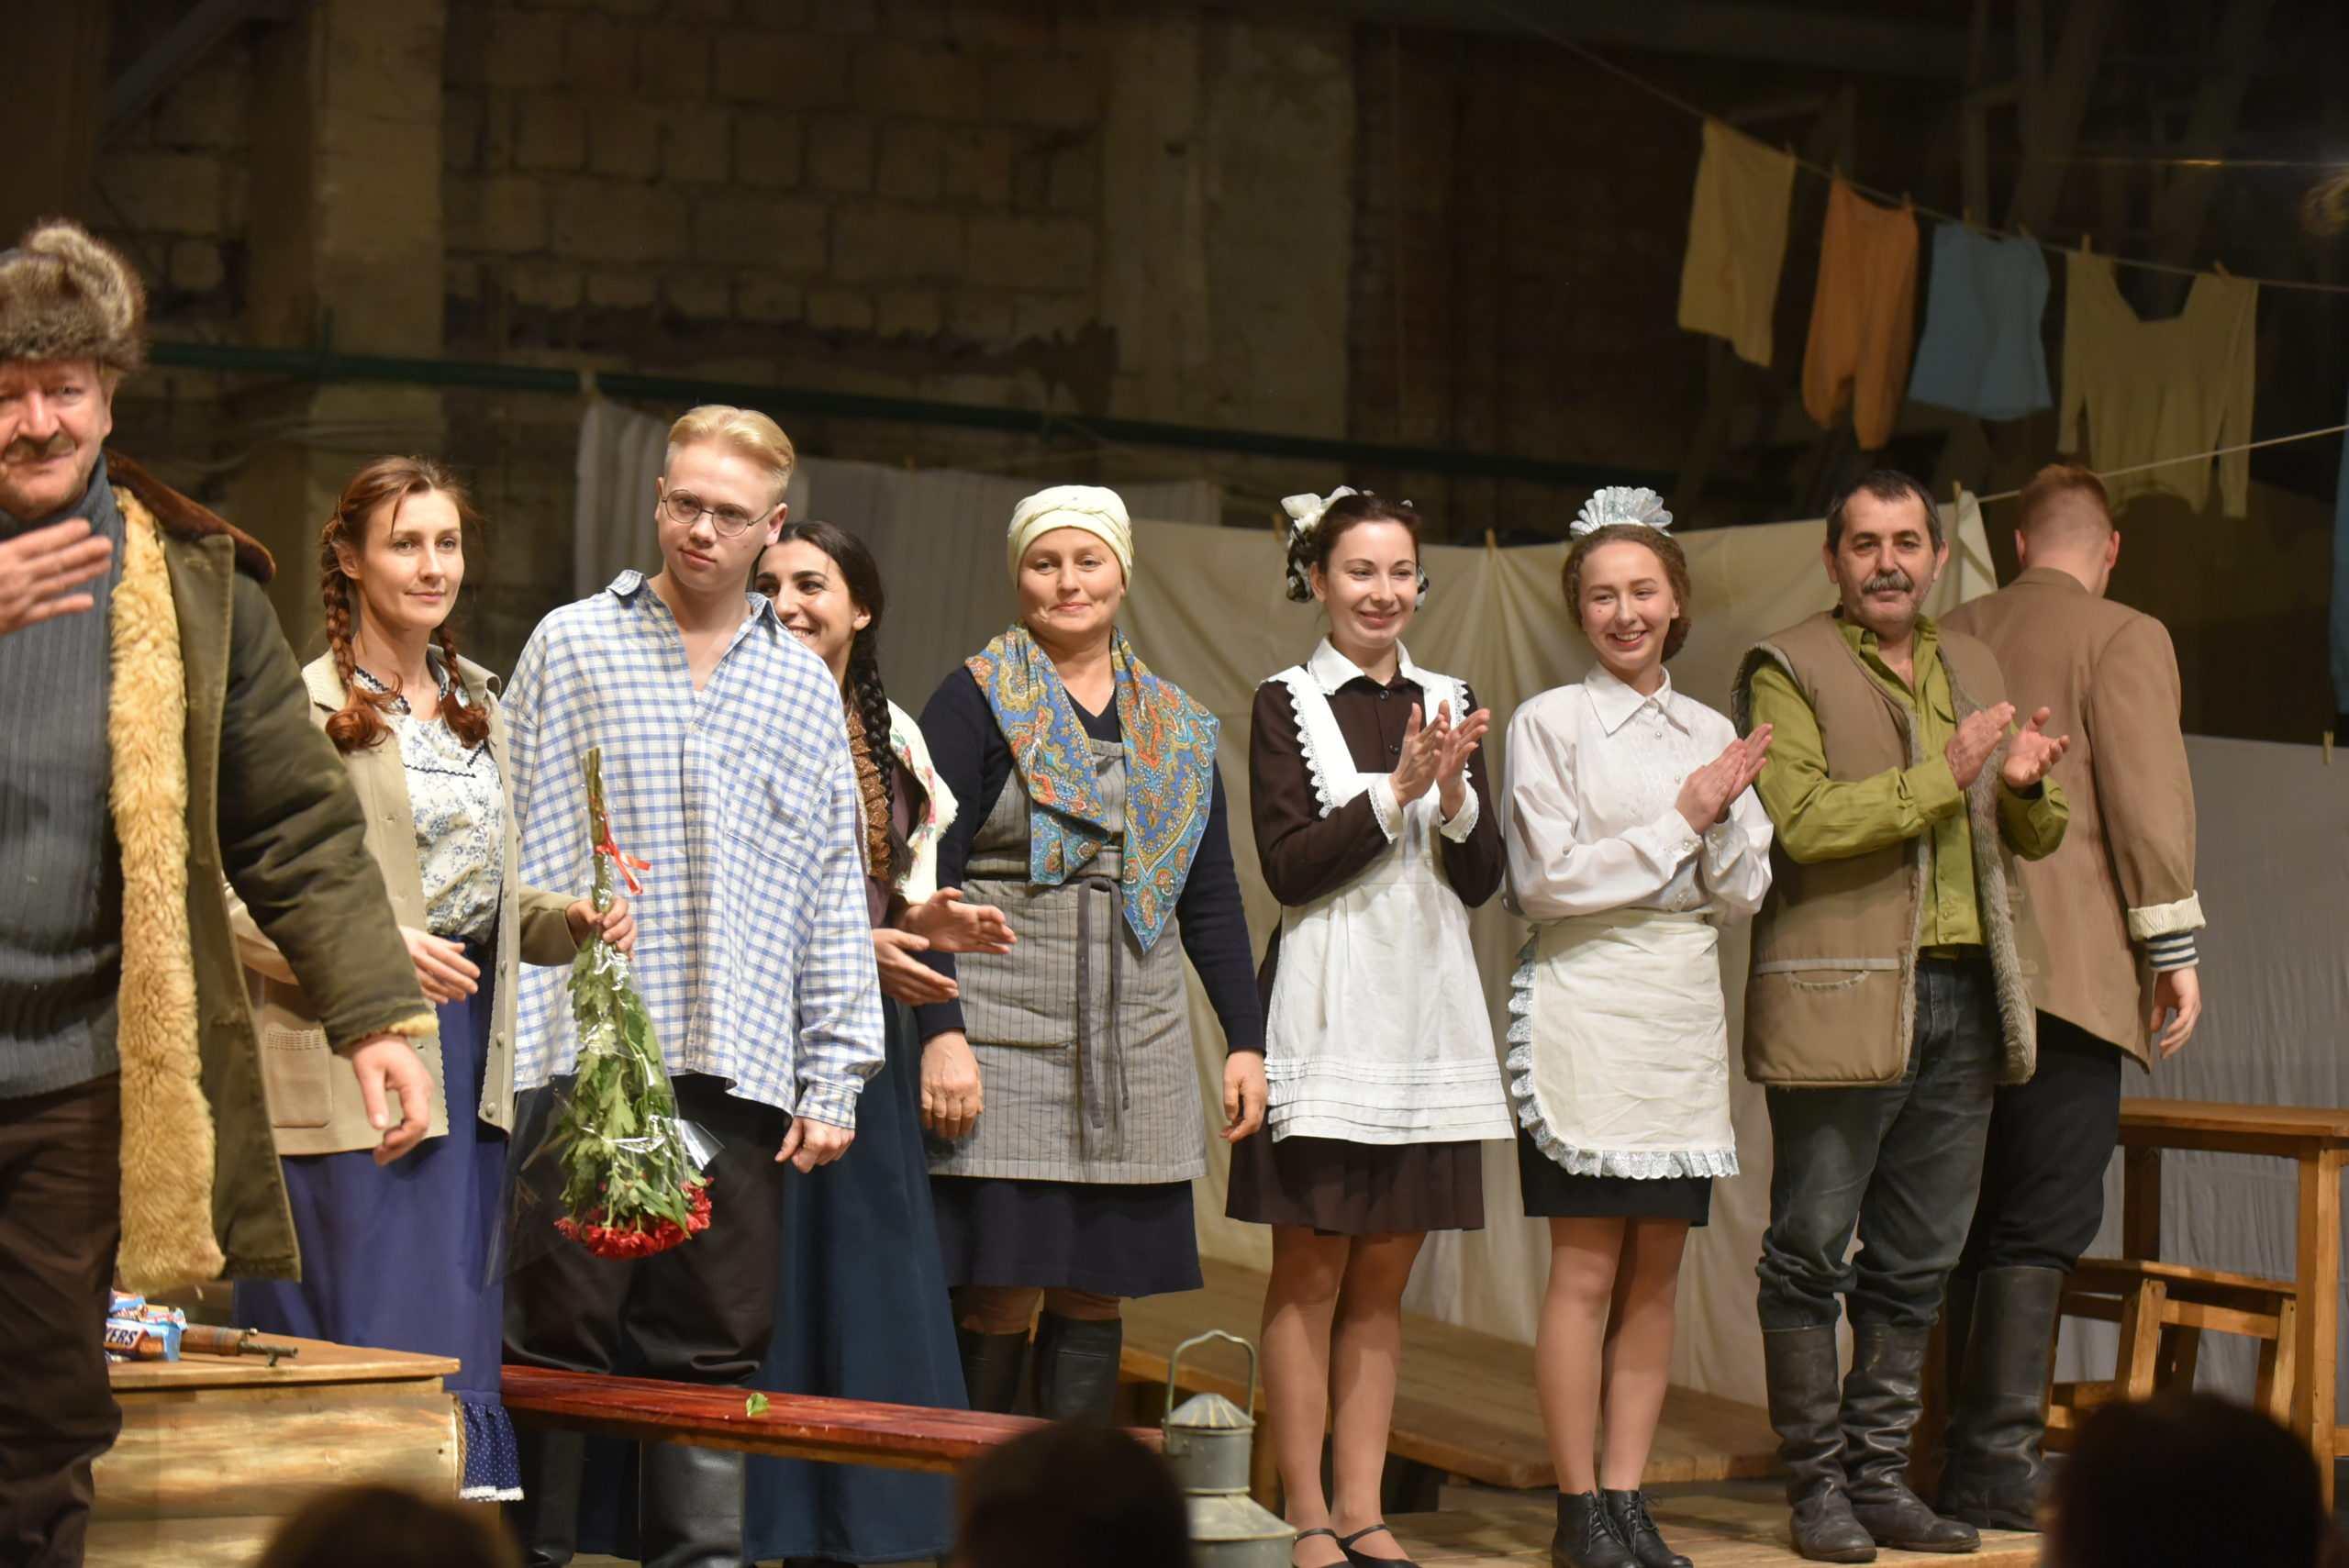 Актерам из Новороссийска в новом сериале достались роли переехавших